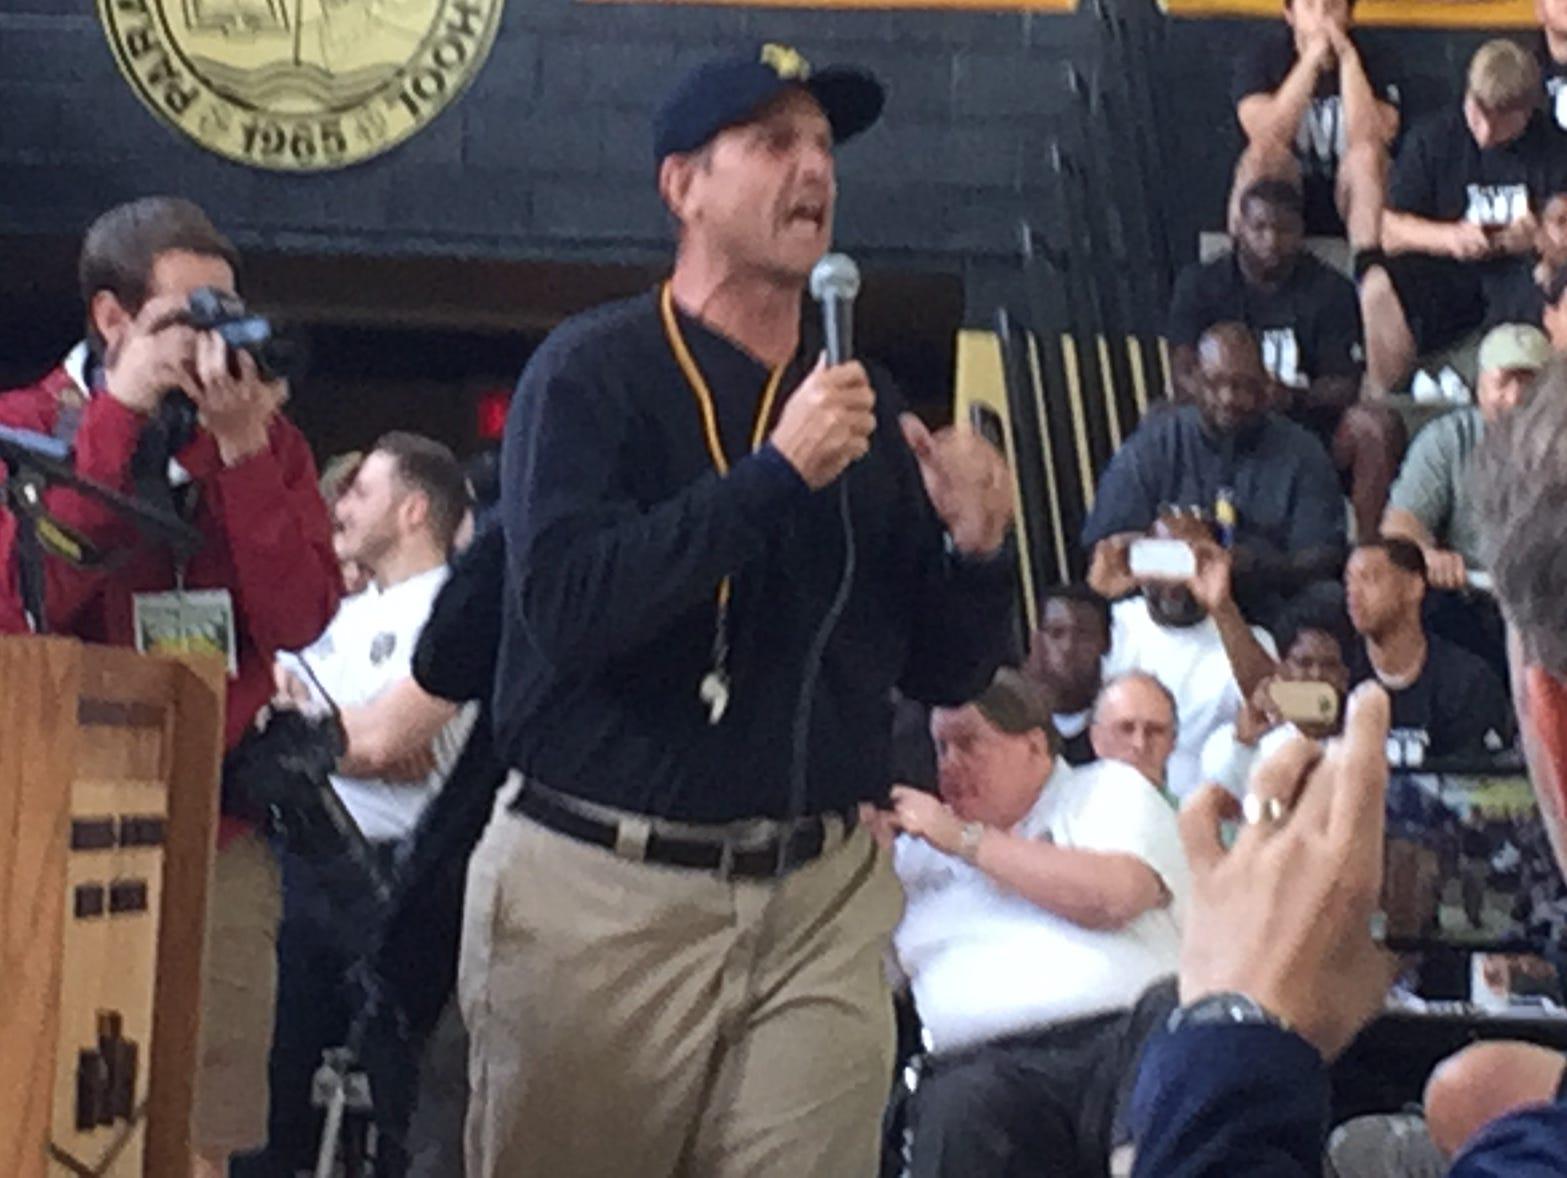 Michigan football coach Jim Harbaugh speaks June 8, 2016, at Paramus Catholic in Paramus, N.J.